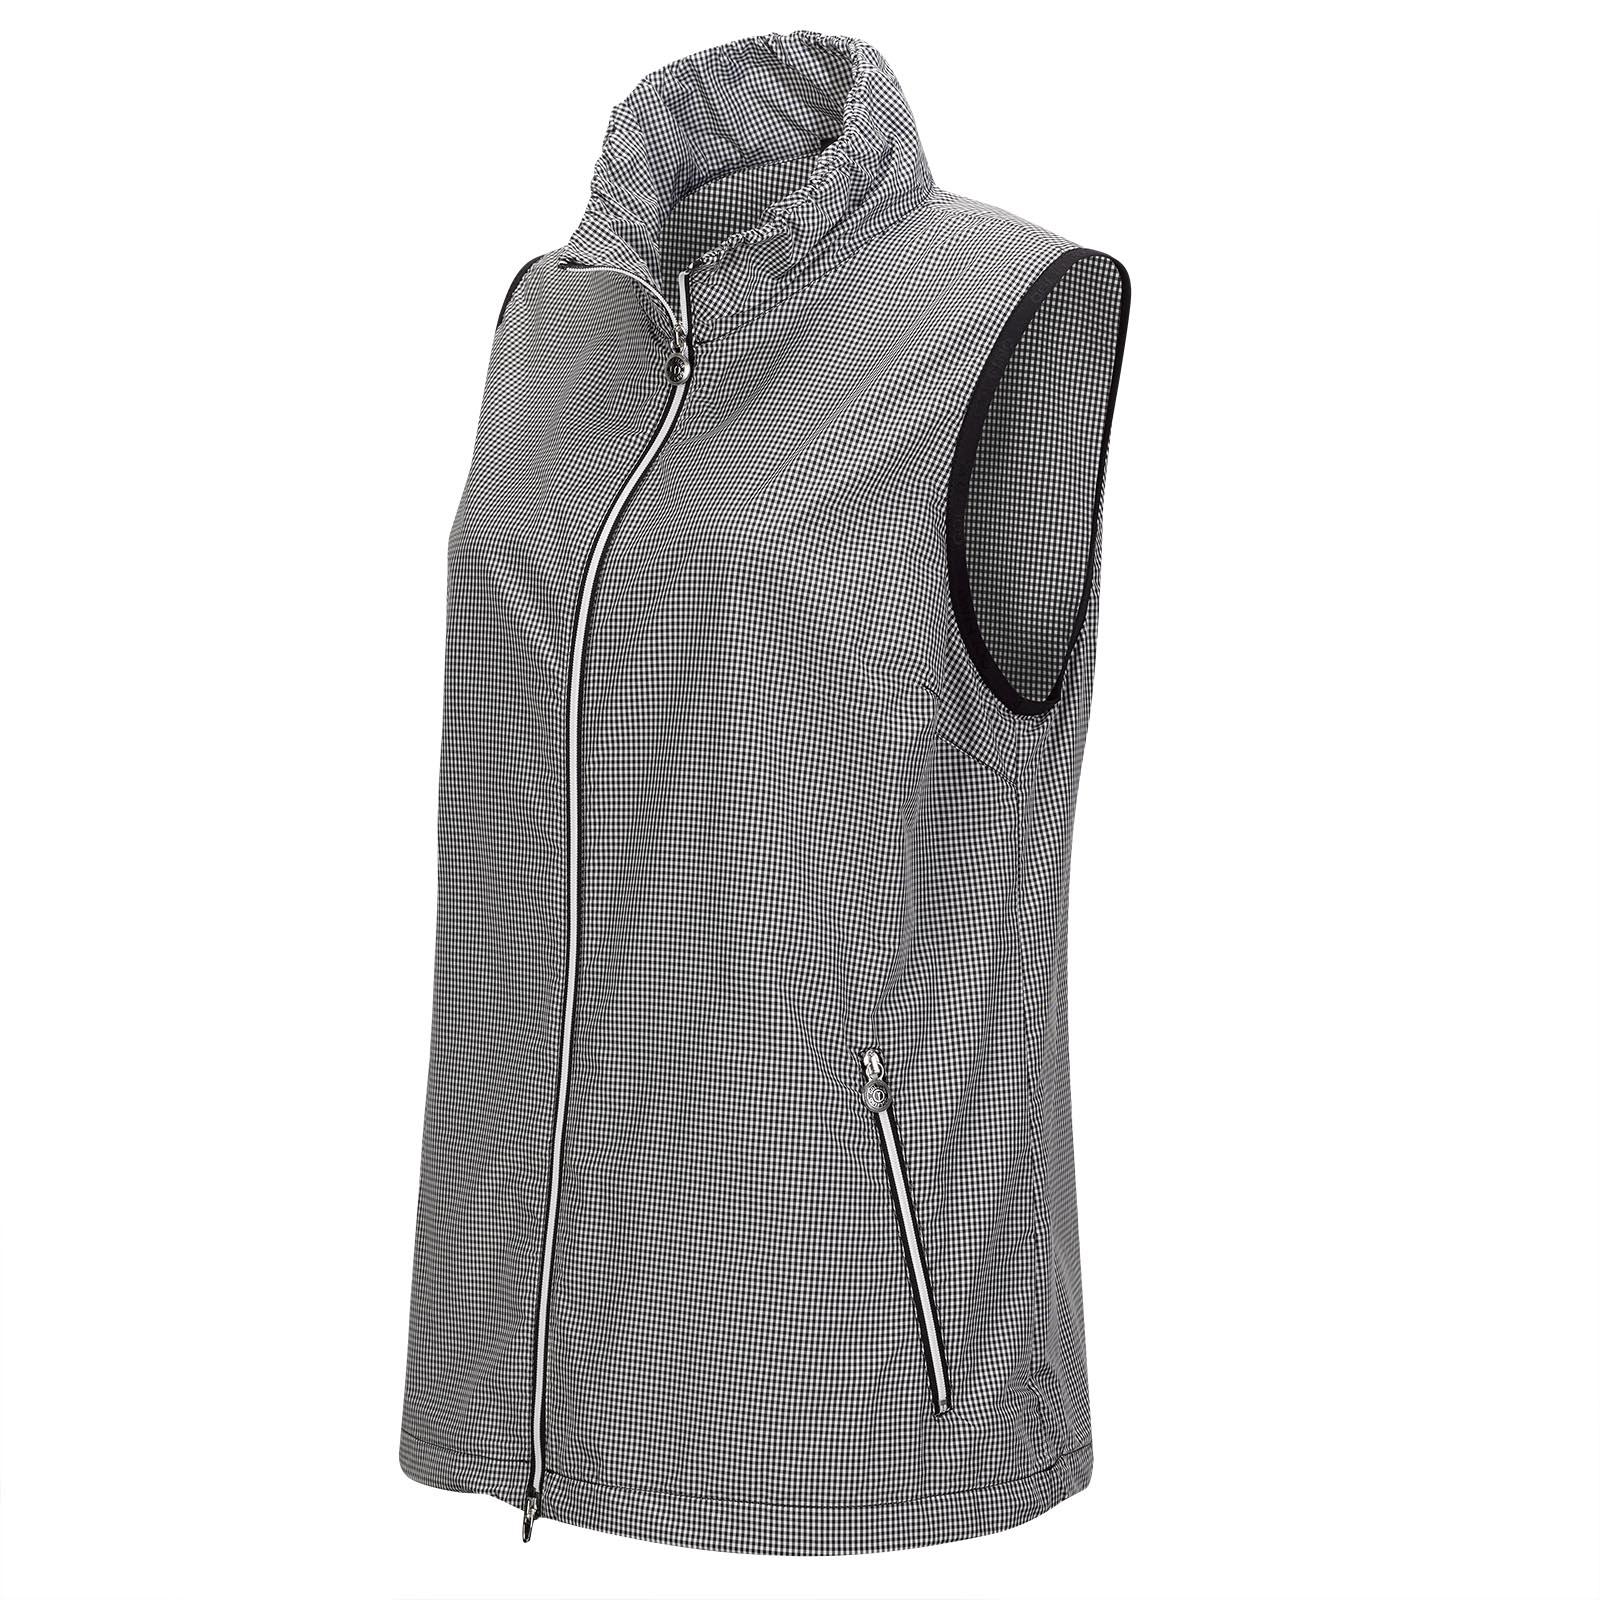 Wind Protection Damen Golfweste mit stylischem Vichy Muster